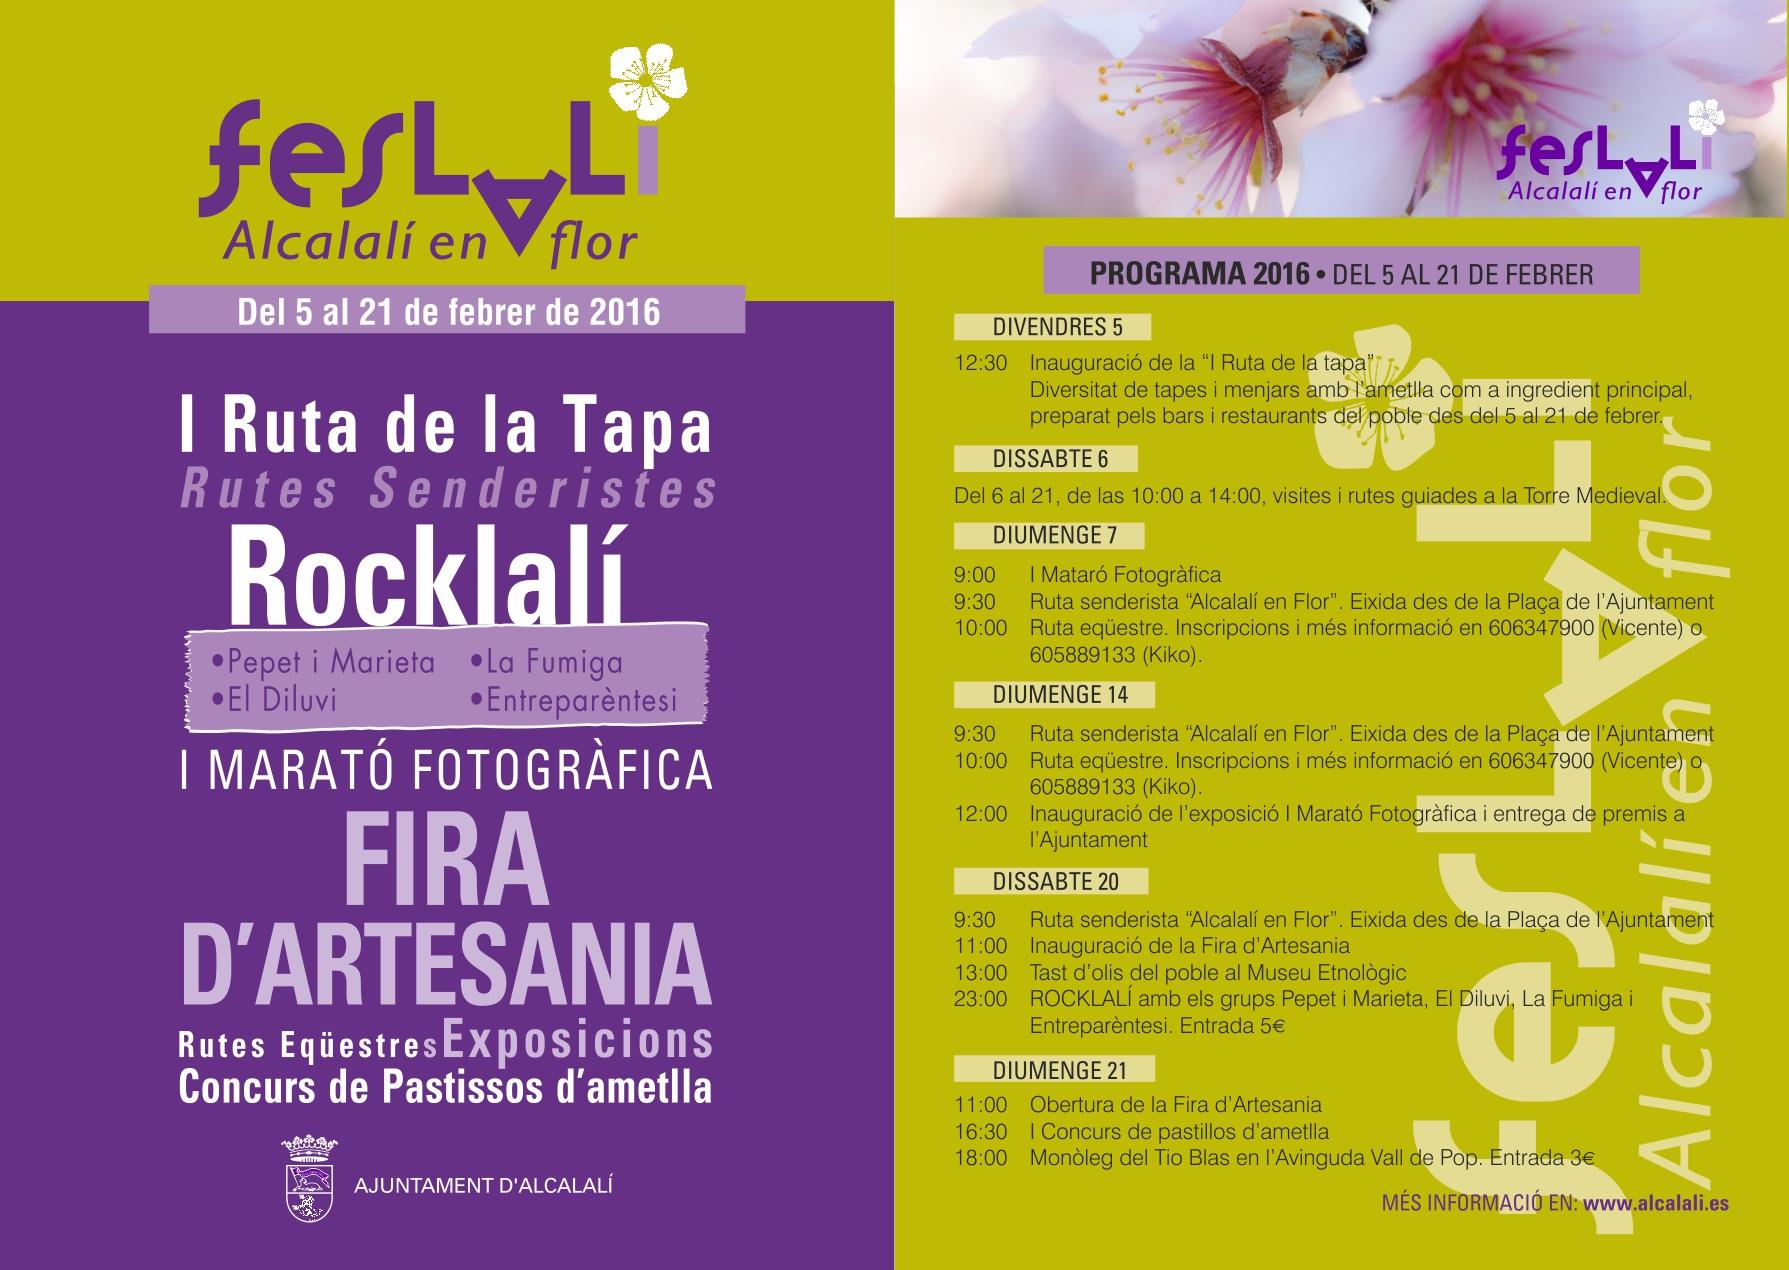 """Cartel y programación FESLALÍ """"Alcalalí en flor"""" - Alcalalí Turismo"""